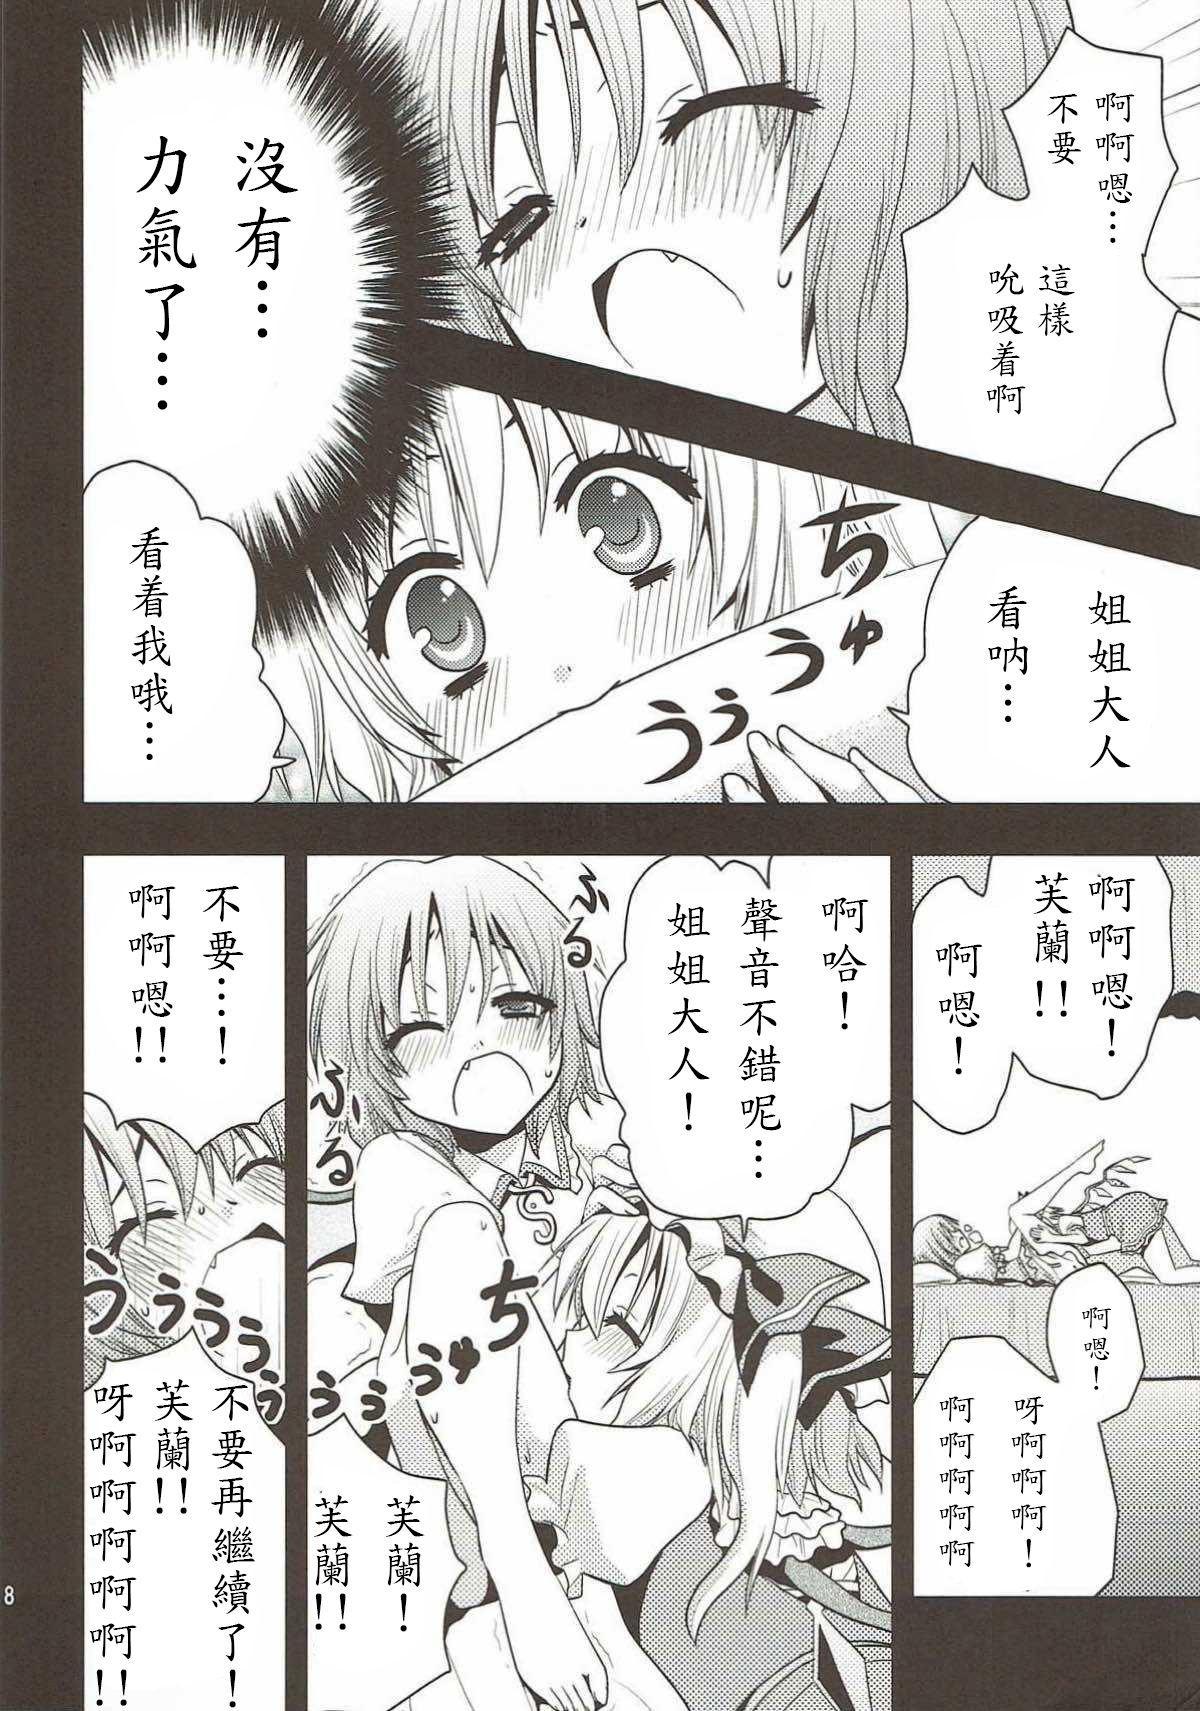 Aishiteru Aishiteru Aishiteru 8